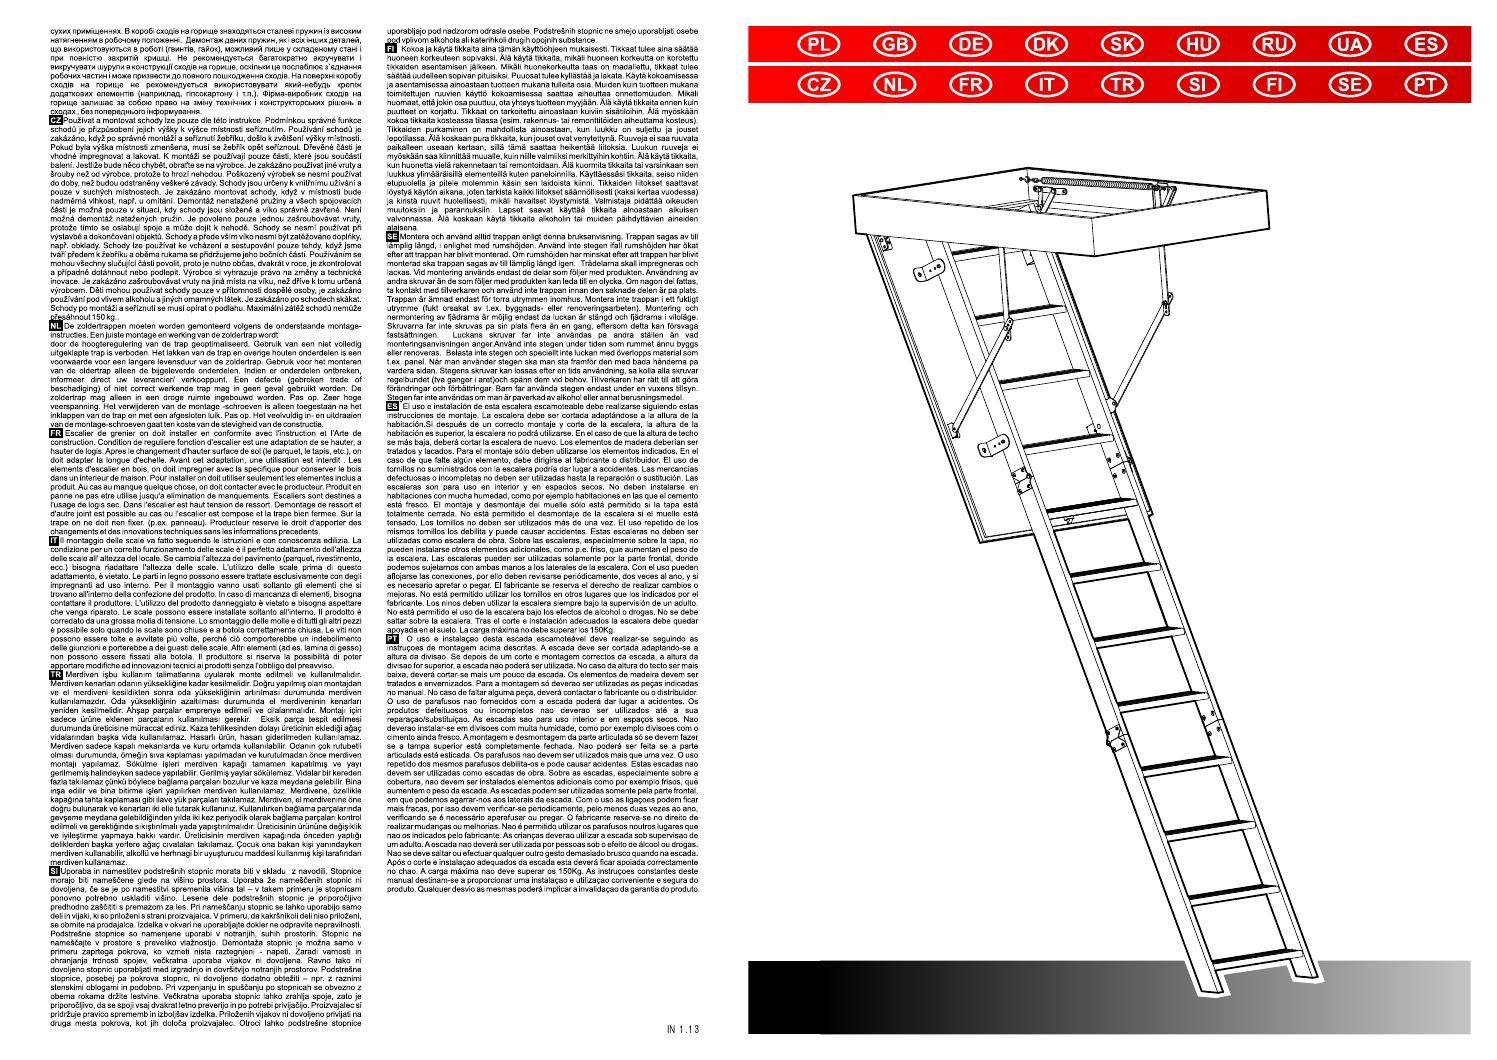 Loft Ladder Keylite Roof Windows